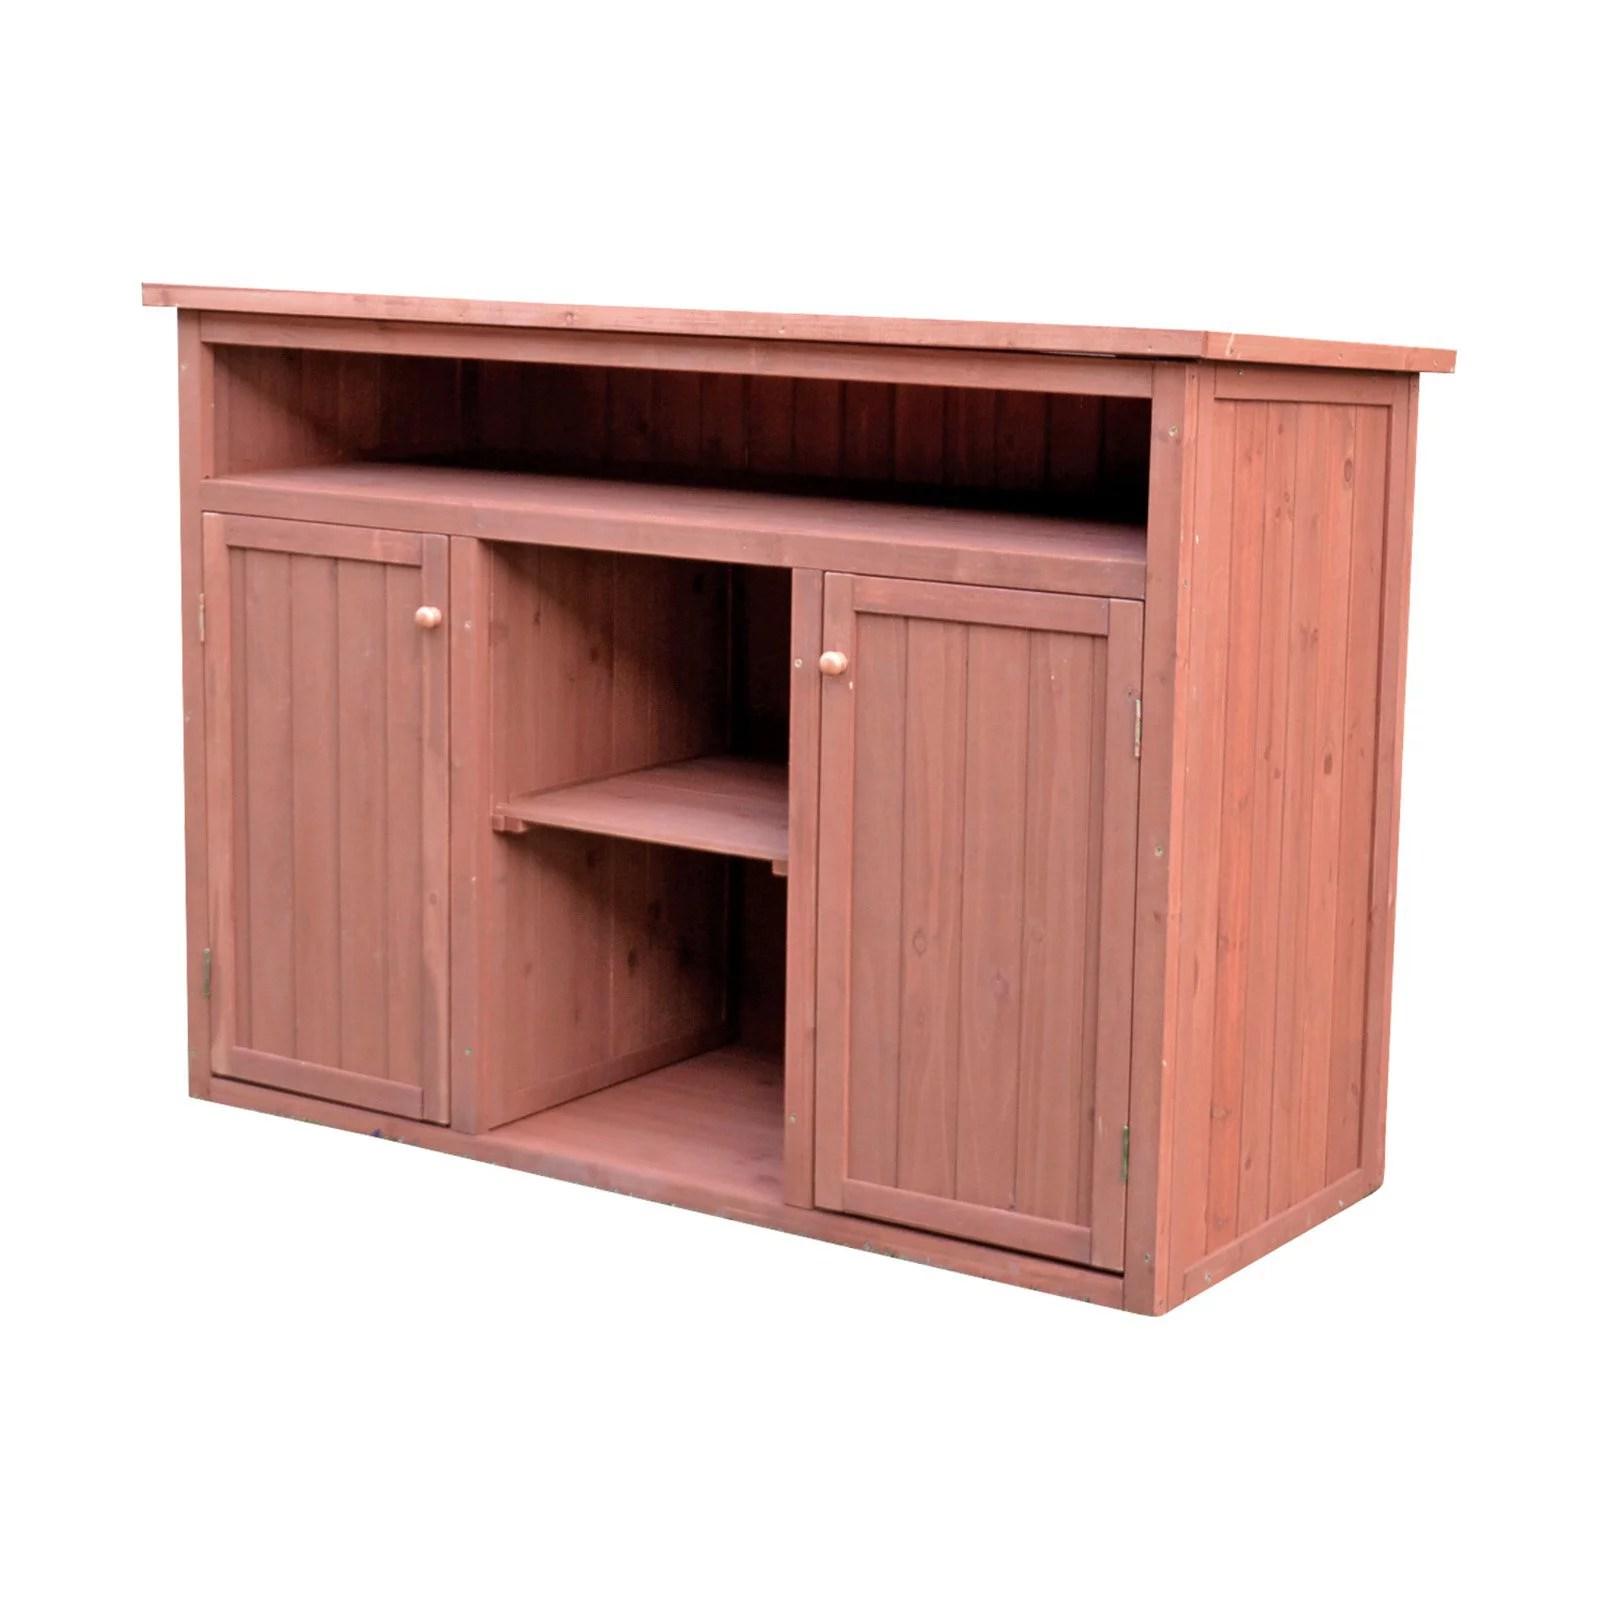 Leisure Season Short Display and Hideaway Storage Cabinet